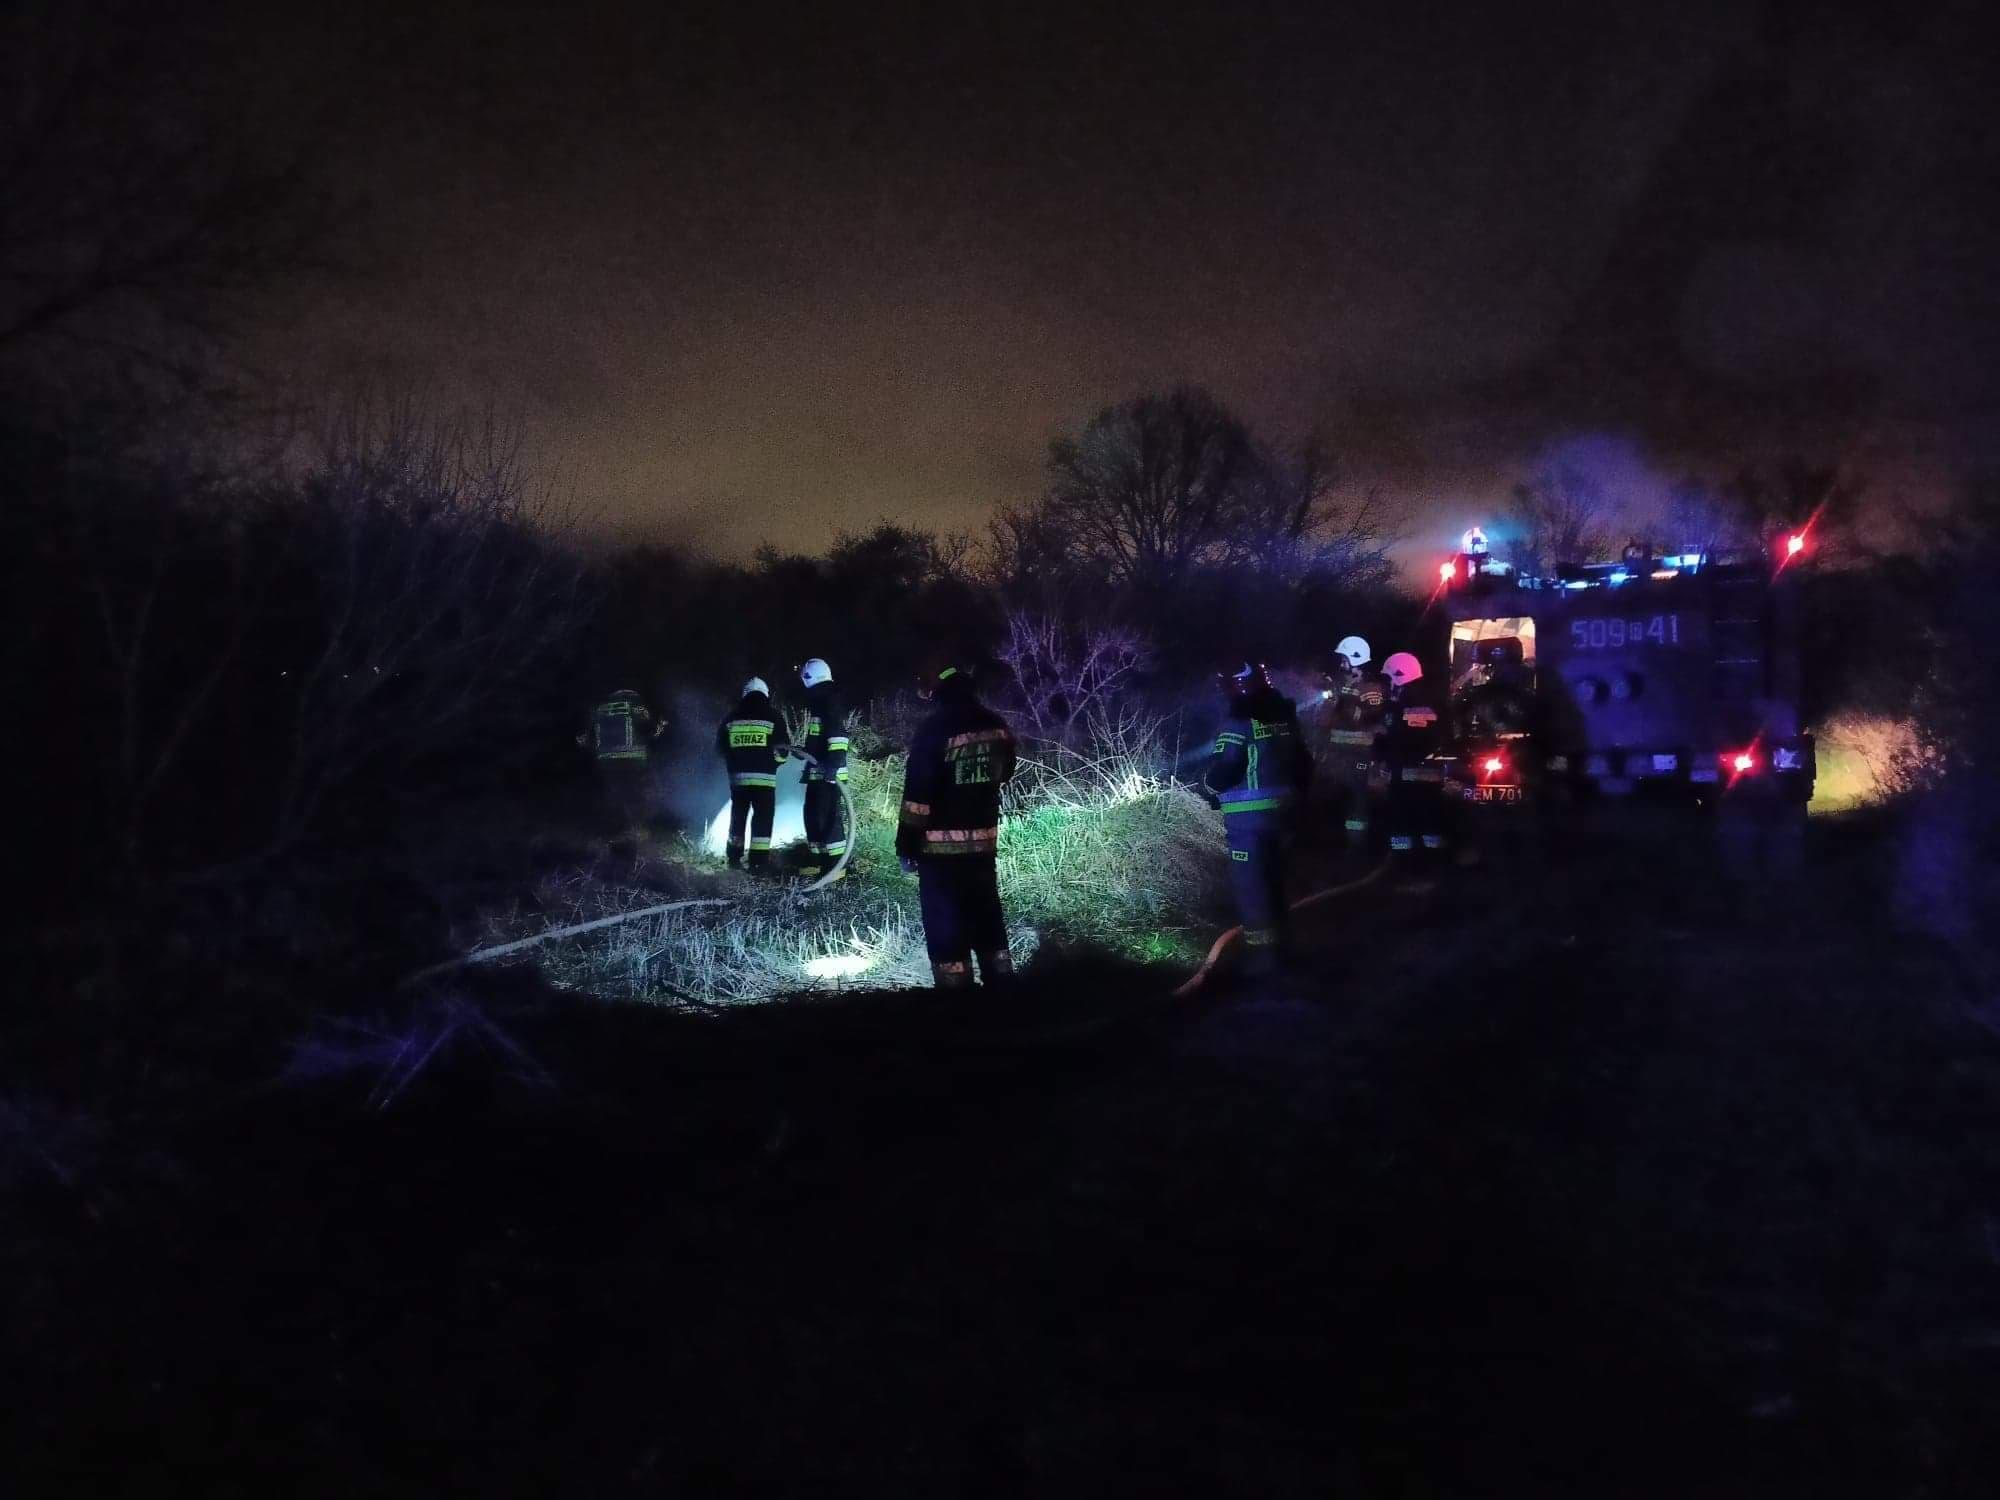 Pożar przy drodze [ZDJĘCIA] - Zdjęcie główne